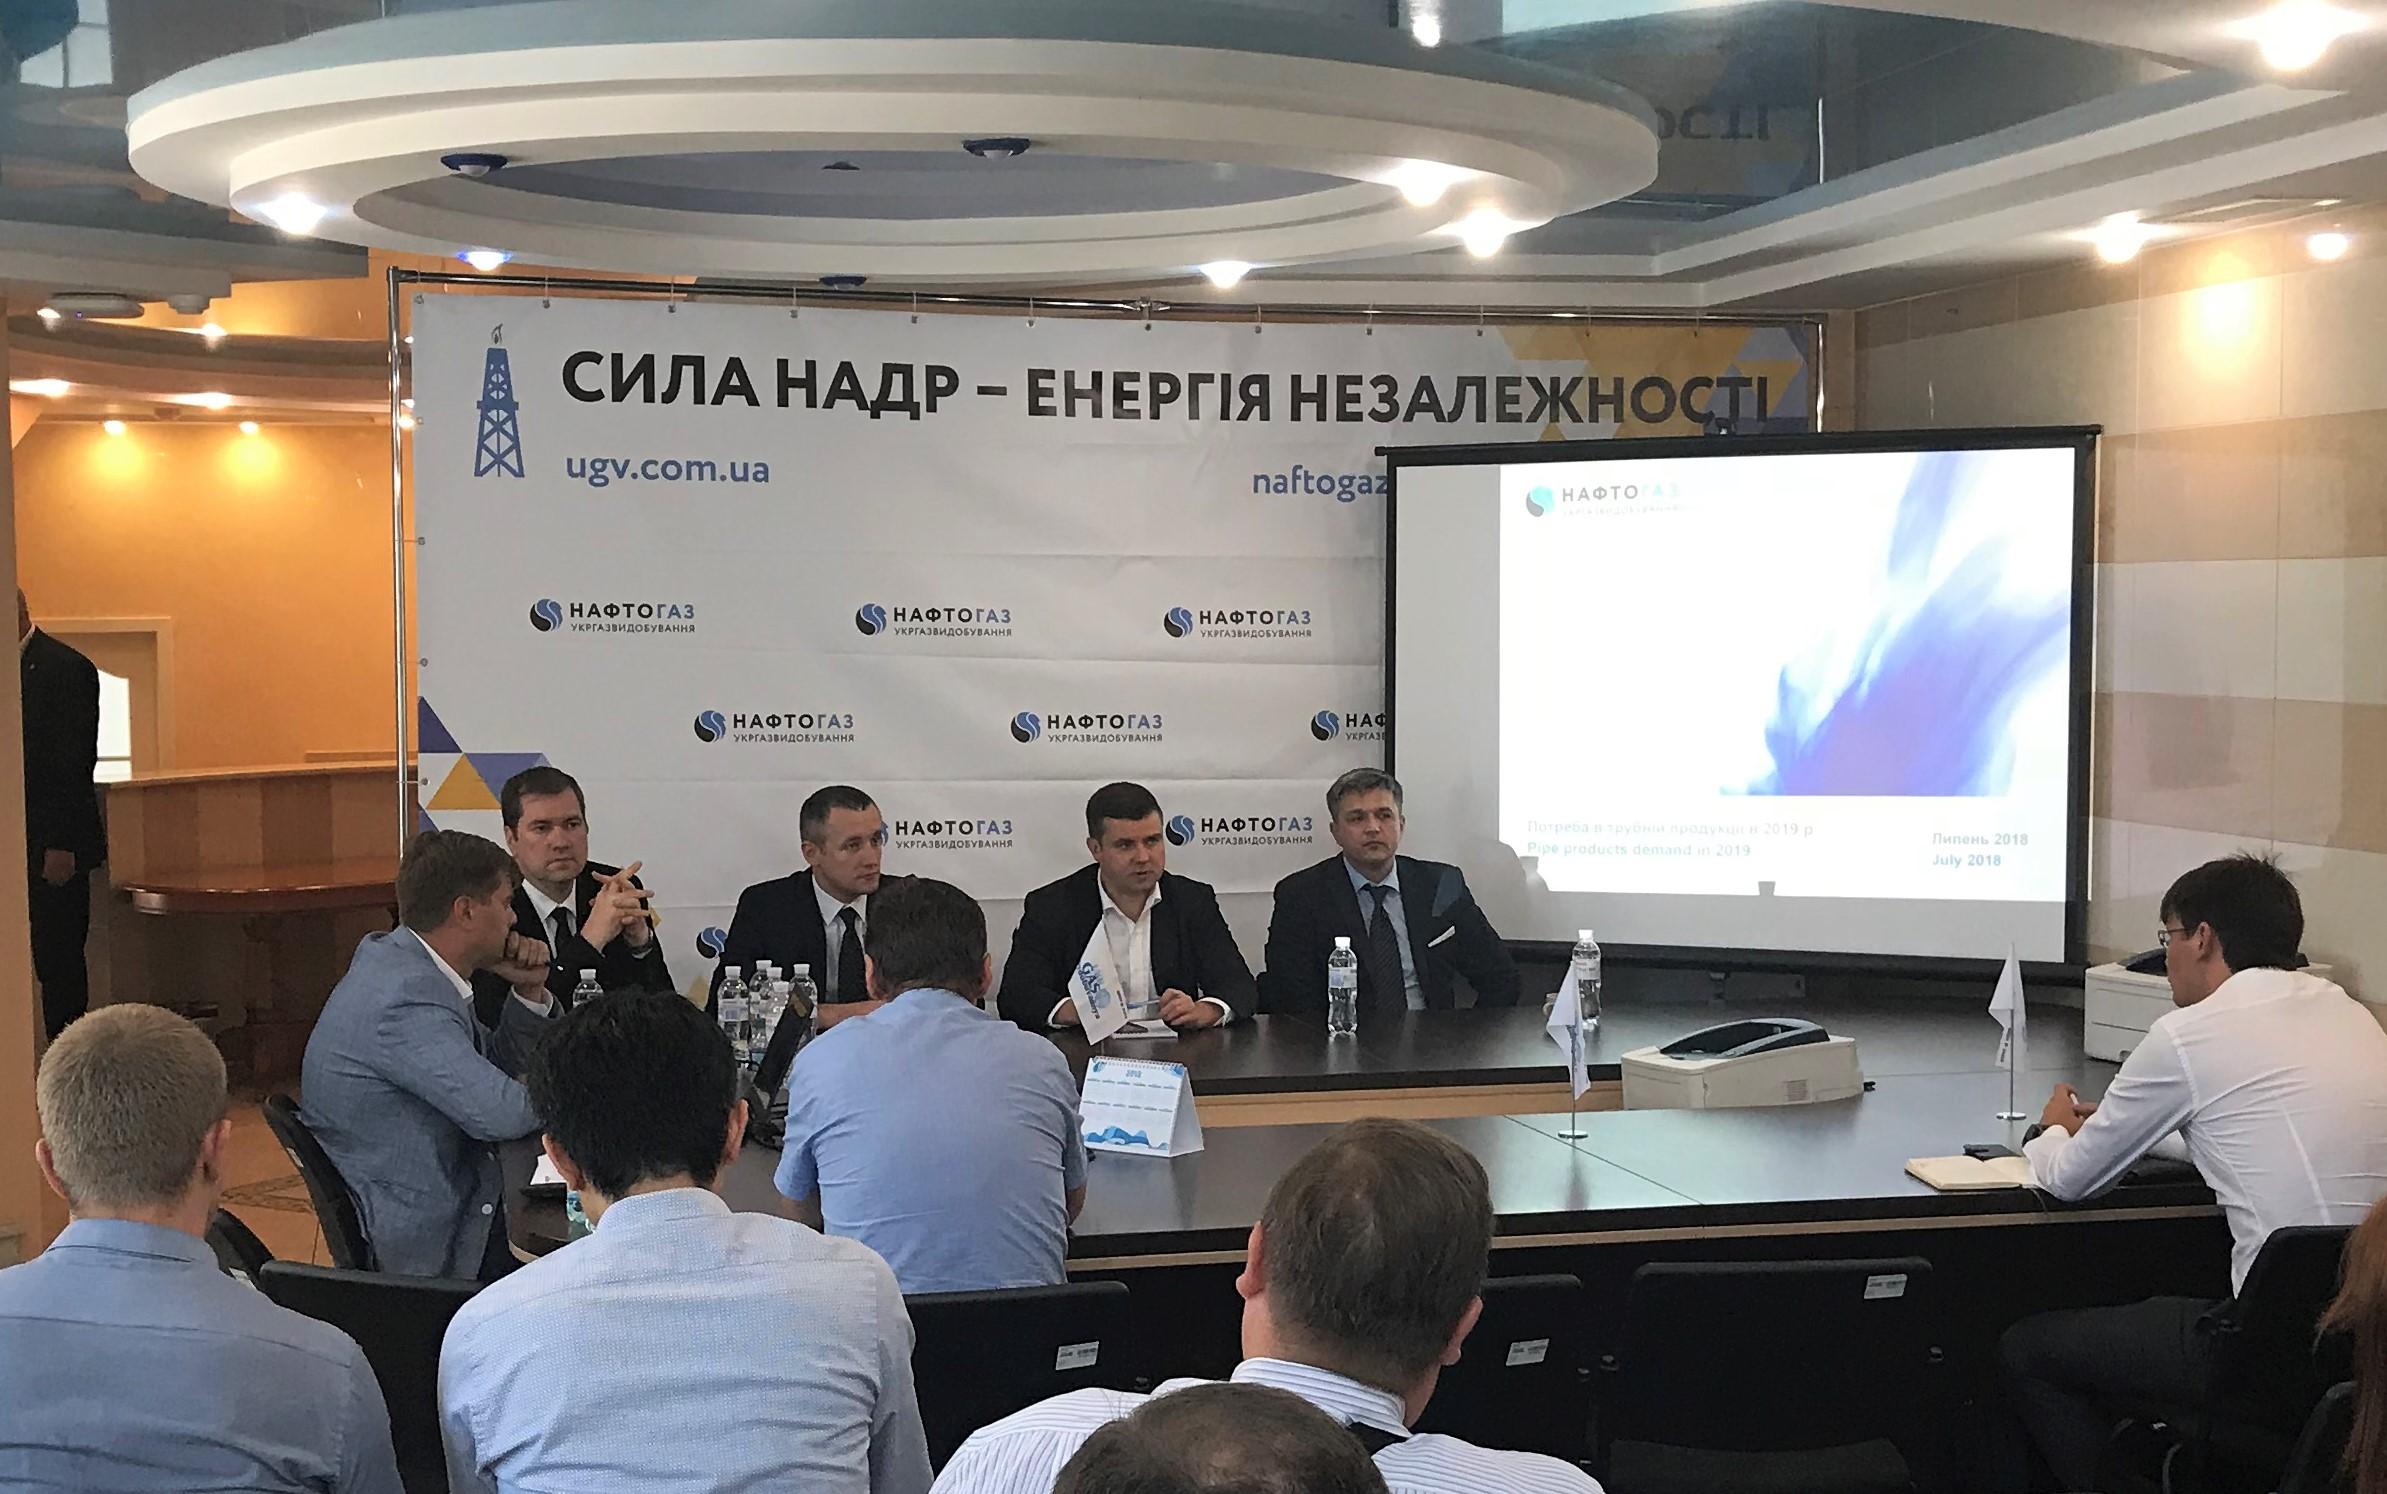 Укргазвидобування провело круглий стіл з представниками ринку трубної продукції